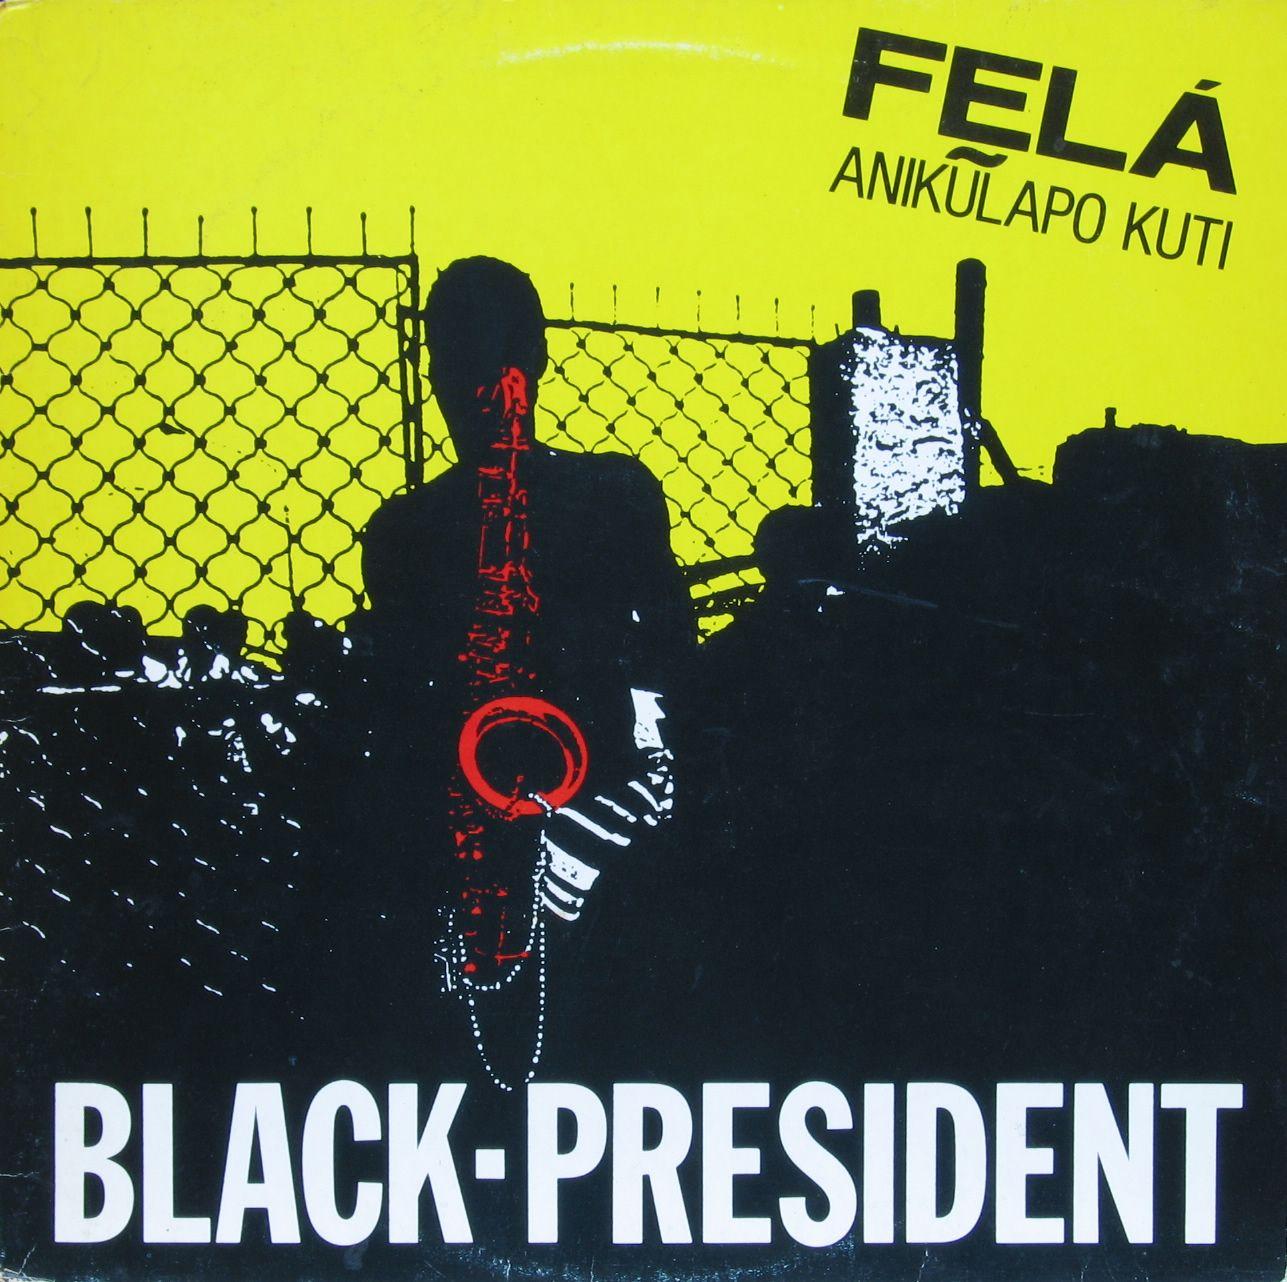 Fela Kuti Black President Blue Note Vintage Rare Album Covers